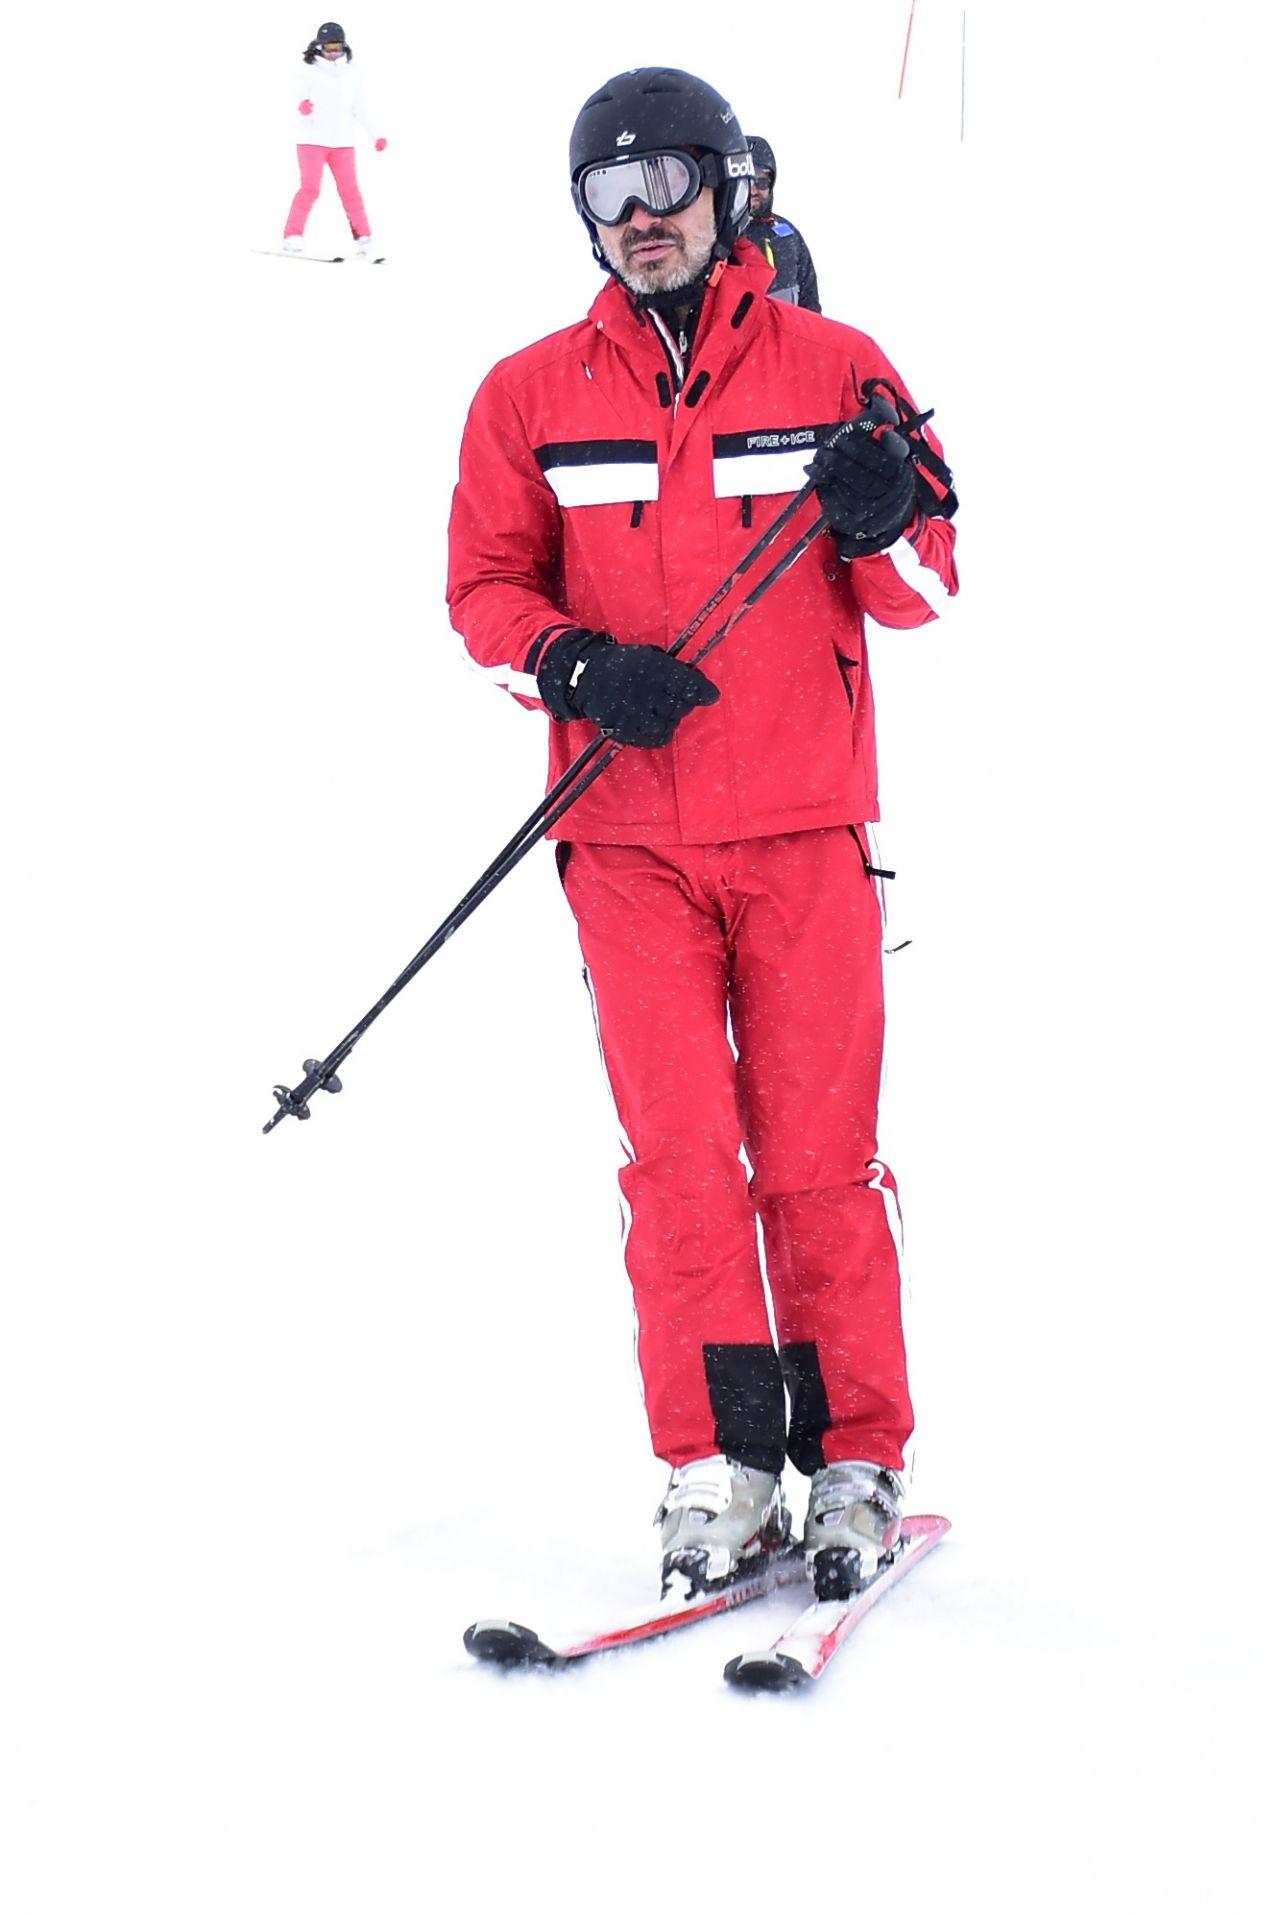 Berrak Tüzünataç ve Berk Suyabatmaz'ın kayak keyfi - Sayfa:2